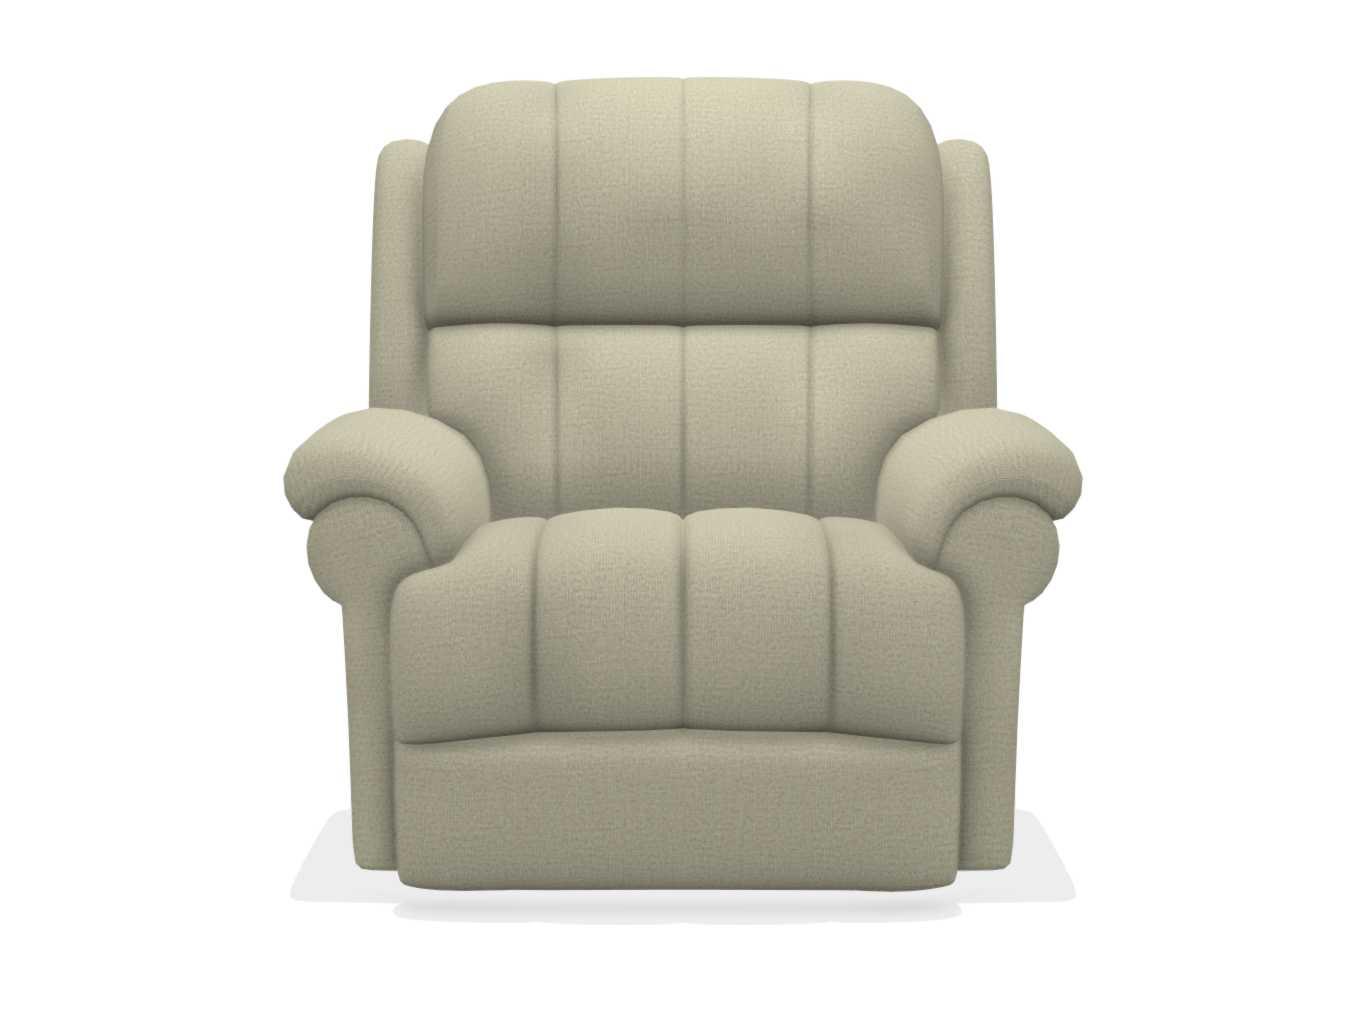 Neal Power Wall Recliner w/ Headrest